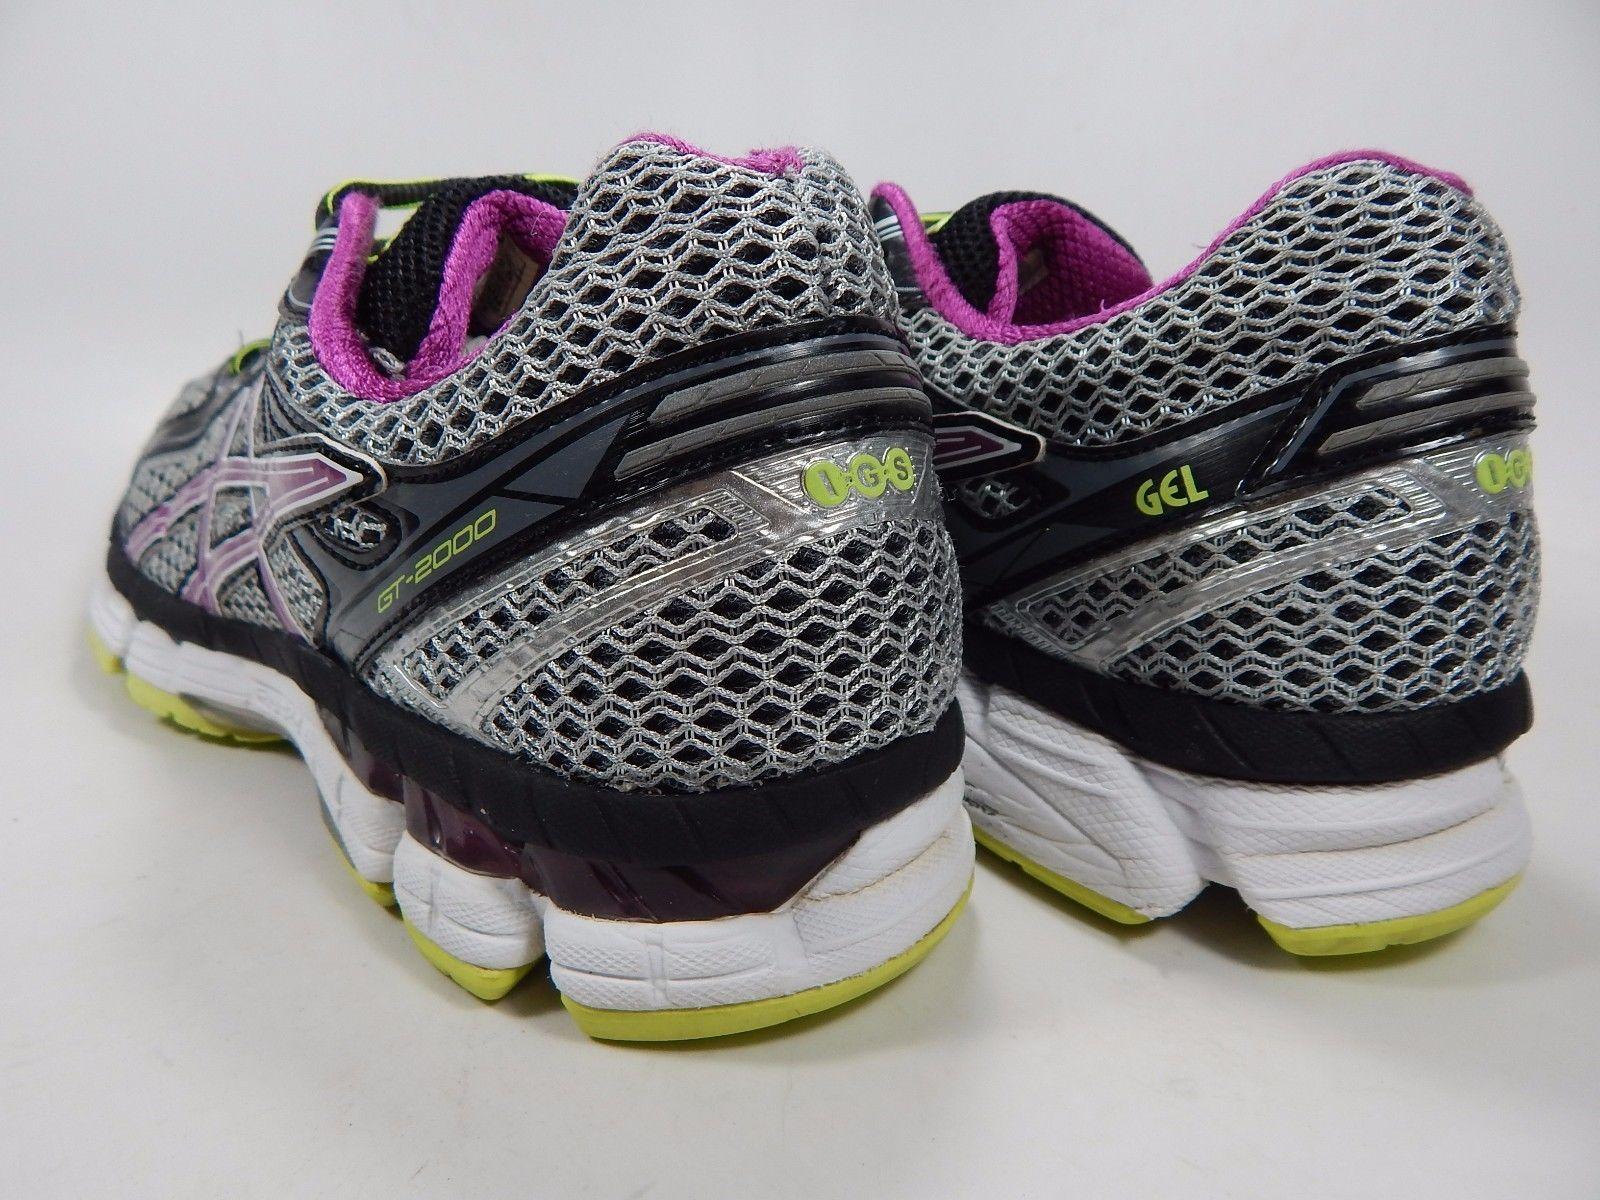 Asics GT 2000 v 2 Women's Running Shoes Sz US 10.5 M (B) EU 42.5 Silver T3P8N